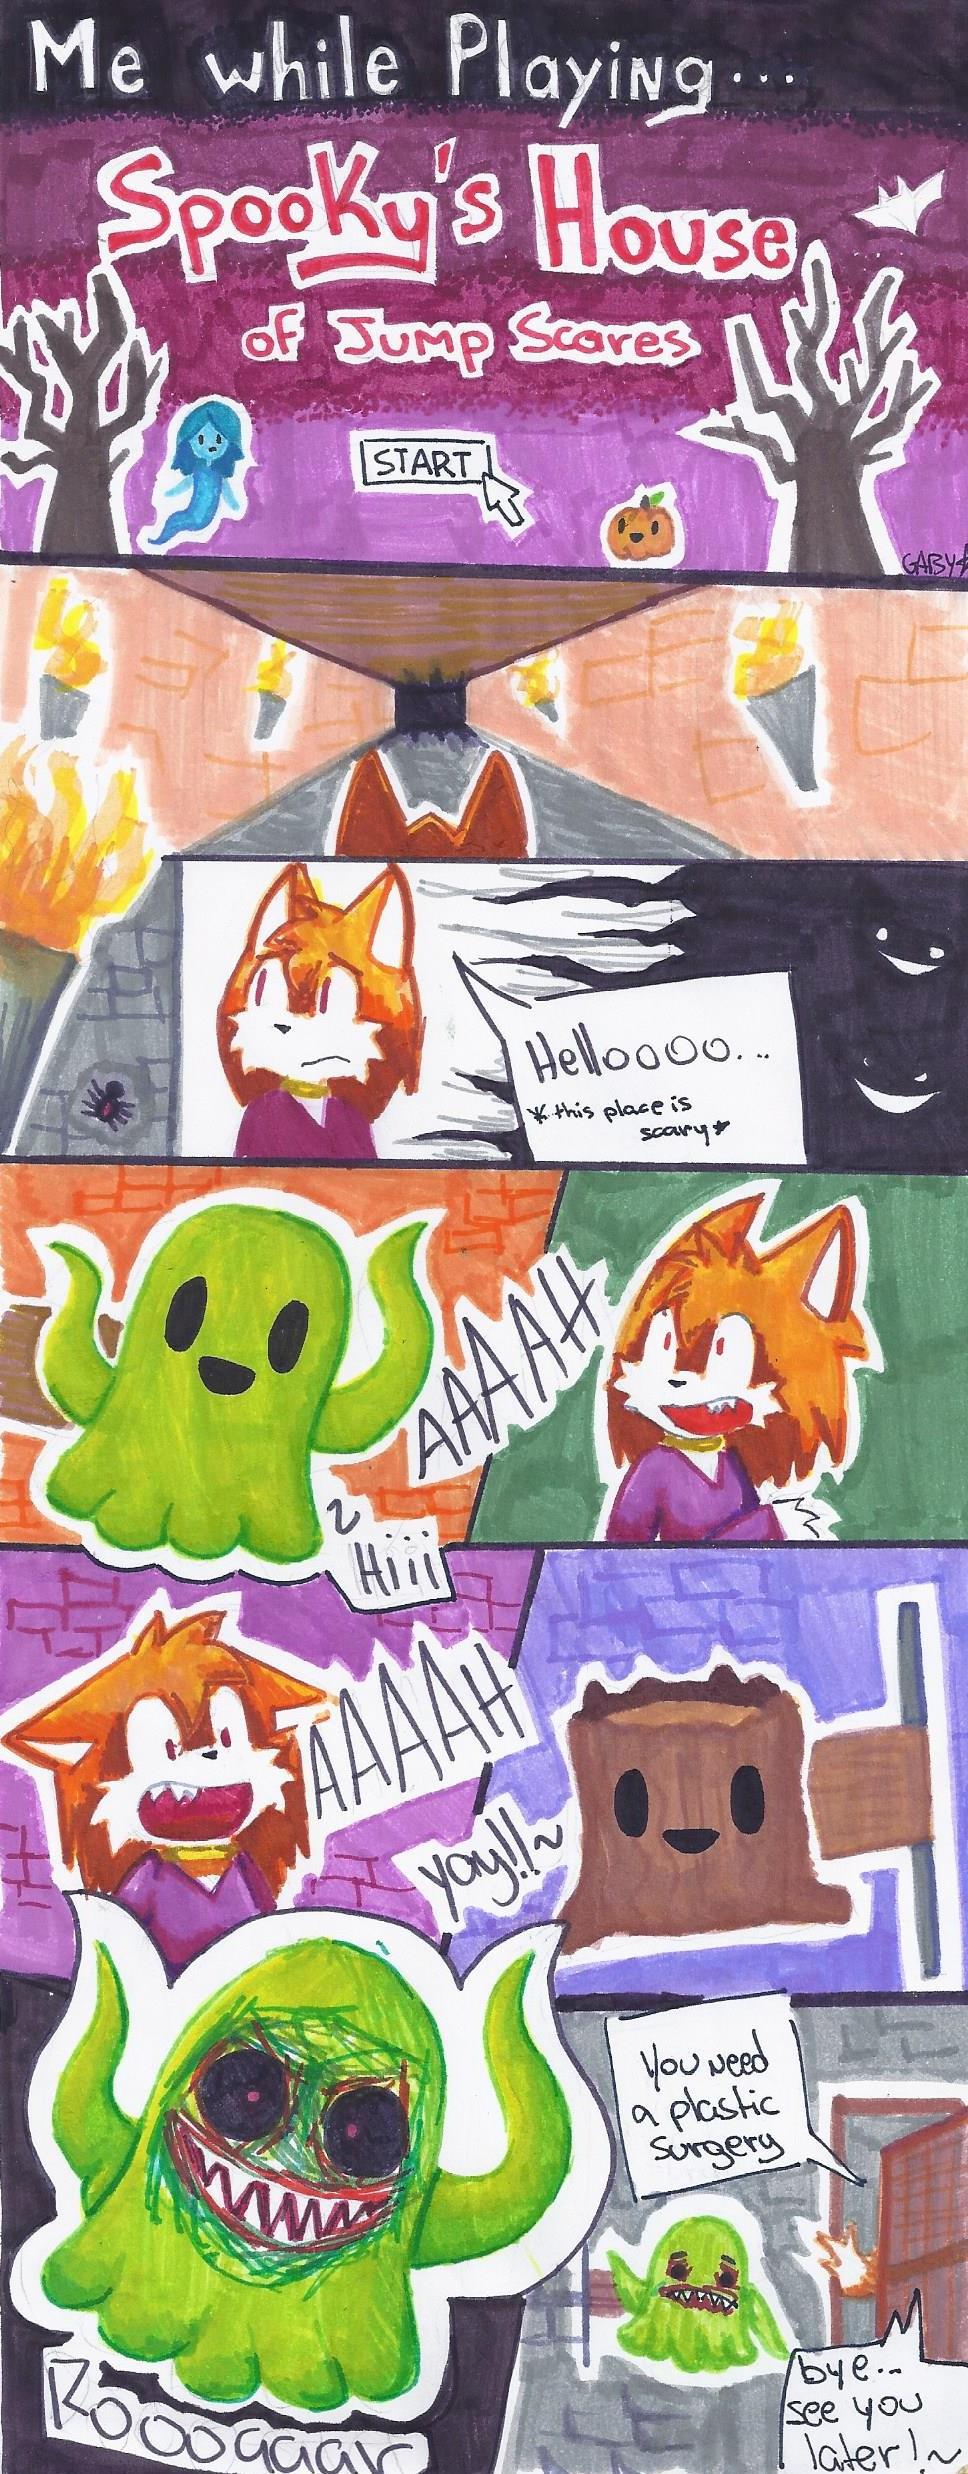 Spooky s house of jump scares by marcelinethekiller on deviantart